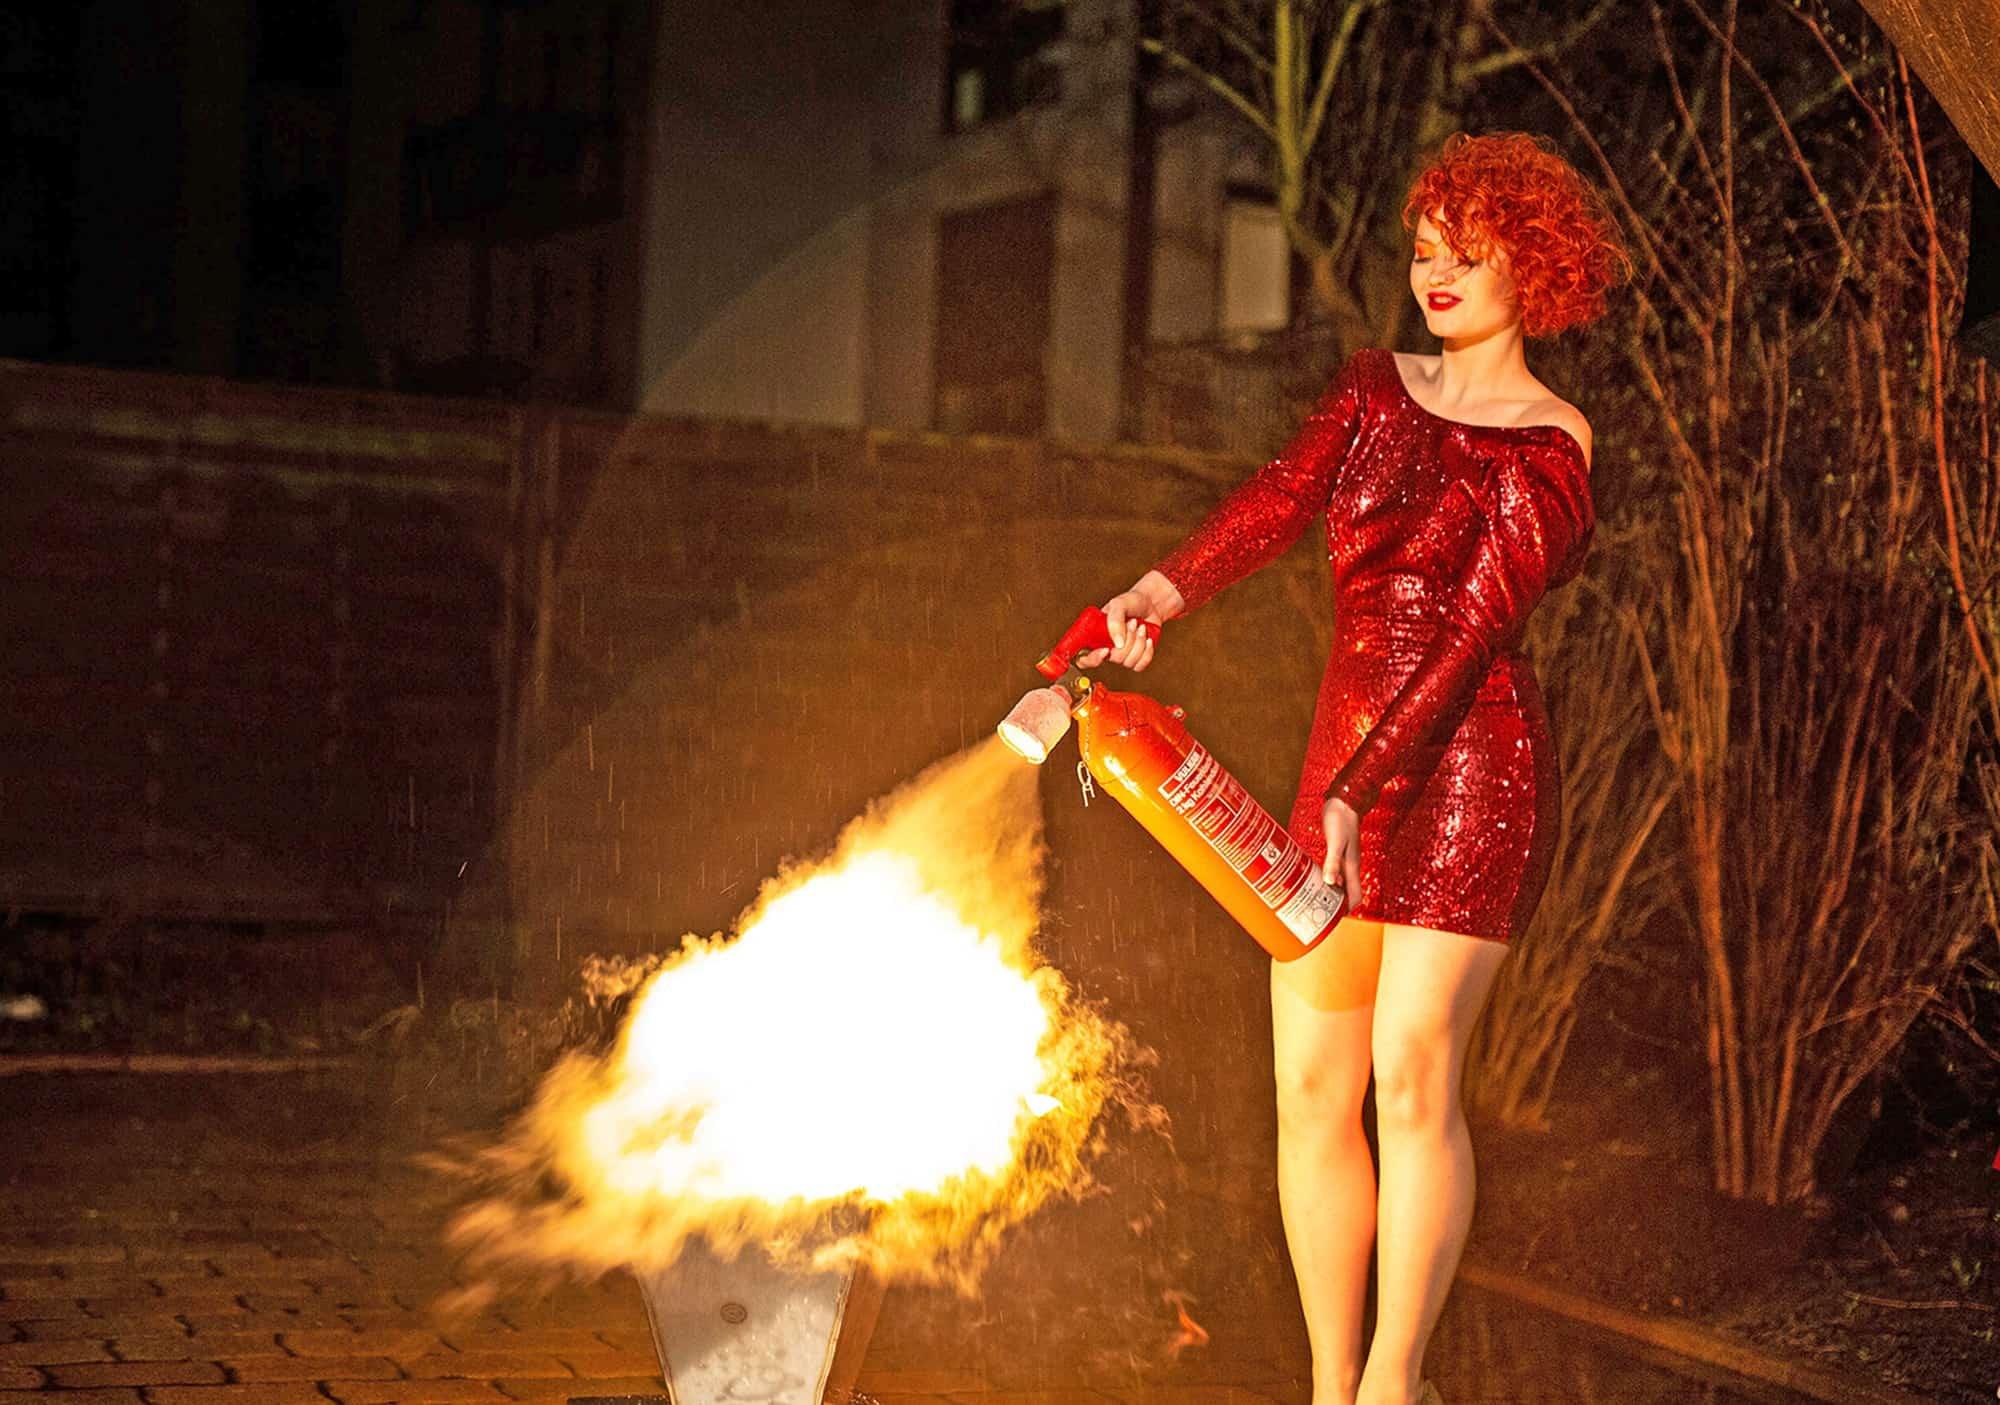 Egal-was-sie-vorhaben-mit-uns-sehen-Sie-immer-perfekt-aus-Brandbekämpfung-mit-feuerrotem-Haar-Making-Of-Titel